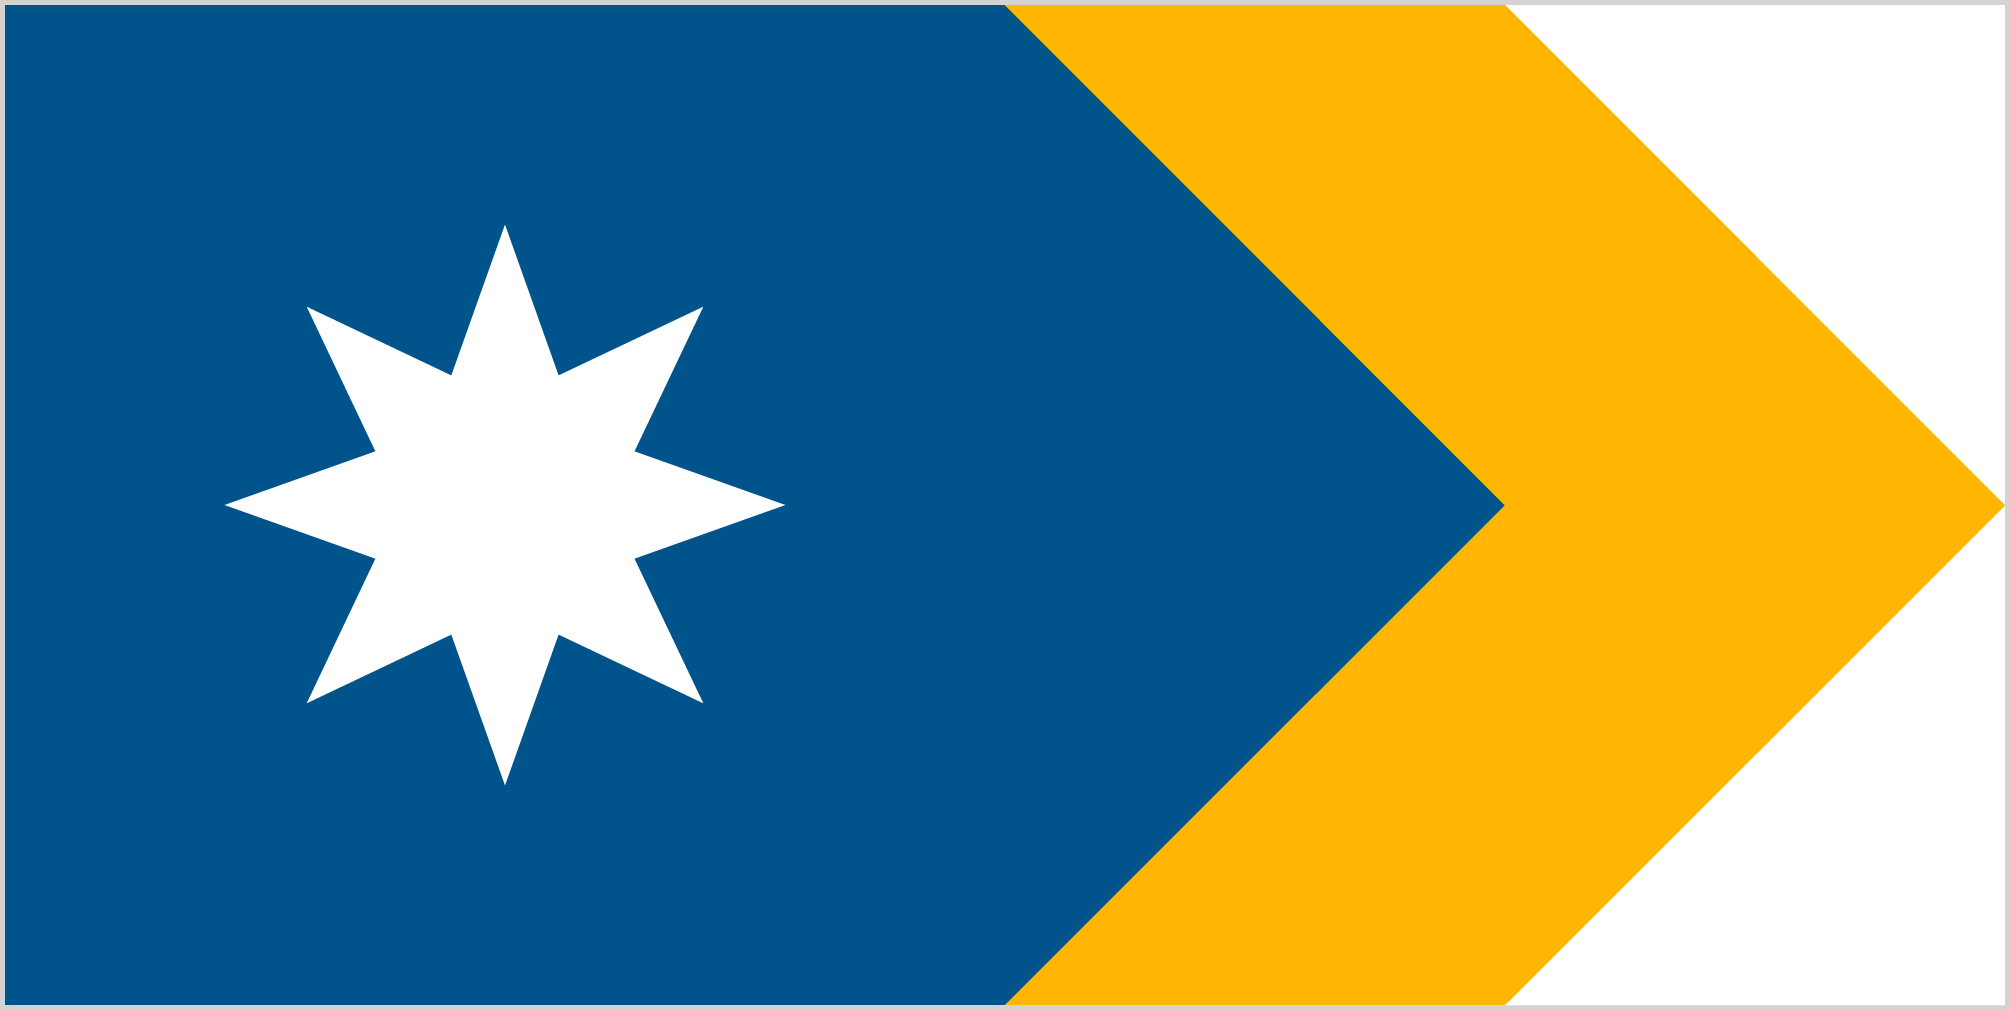 The Unity Flag